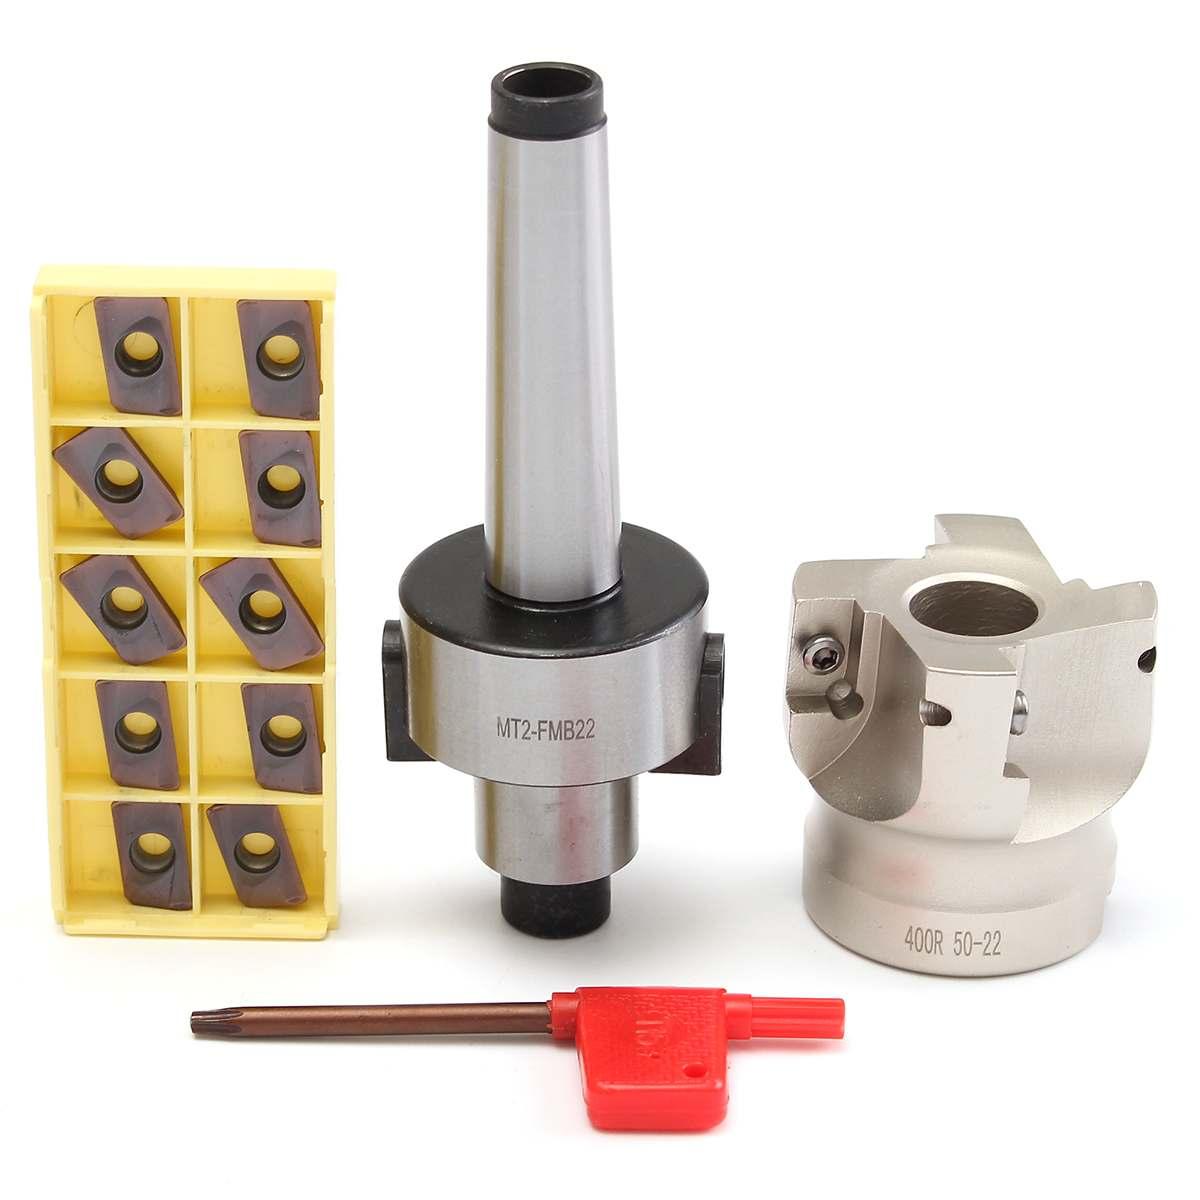 Fraise MT2 M10 Visage Fin 50mm + 10 pièces Carbure Insert APMT1604 CNC Fraise Fraise Insert Kit De Machine-Outil